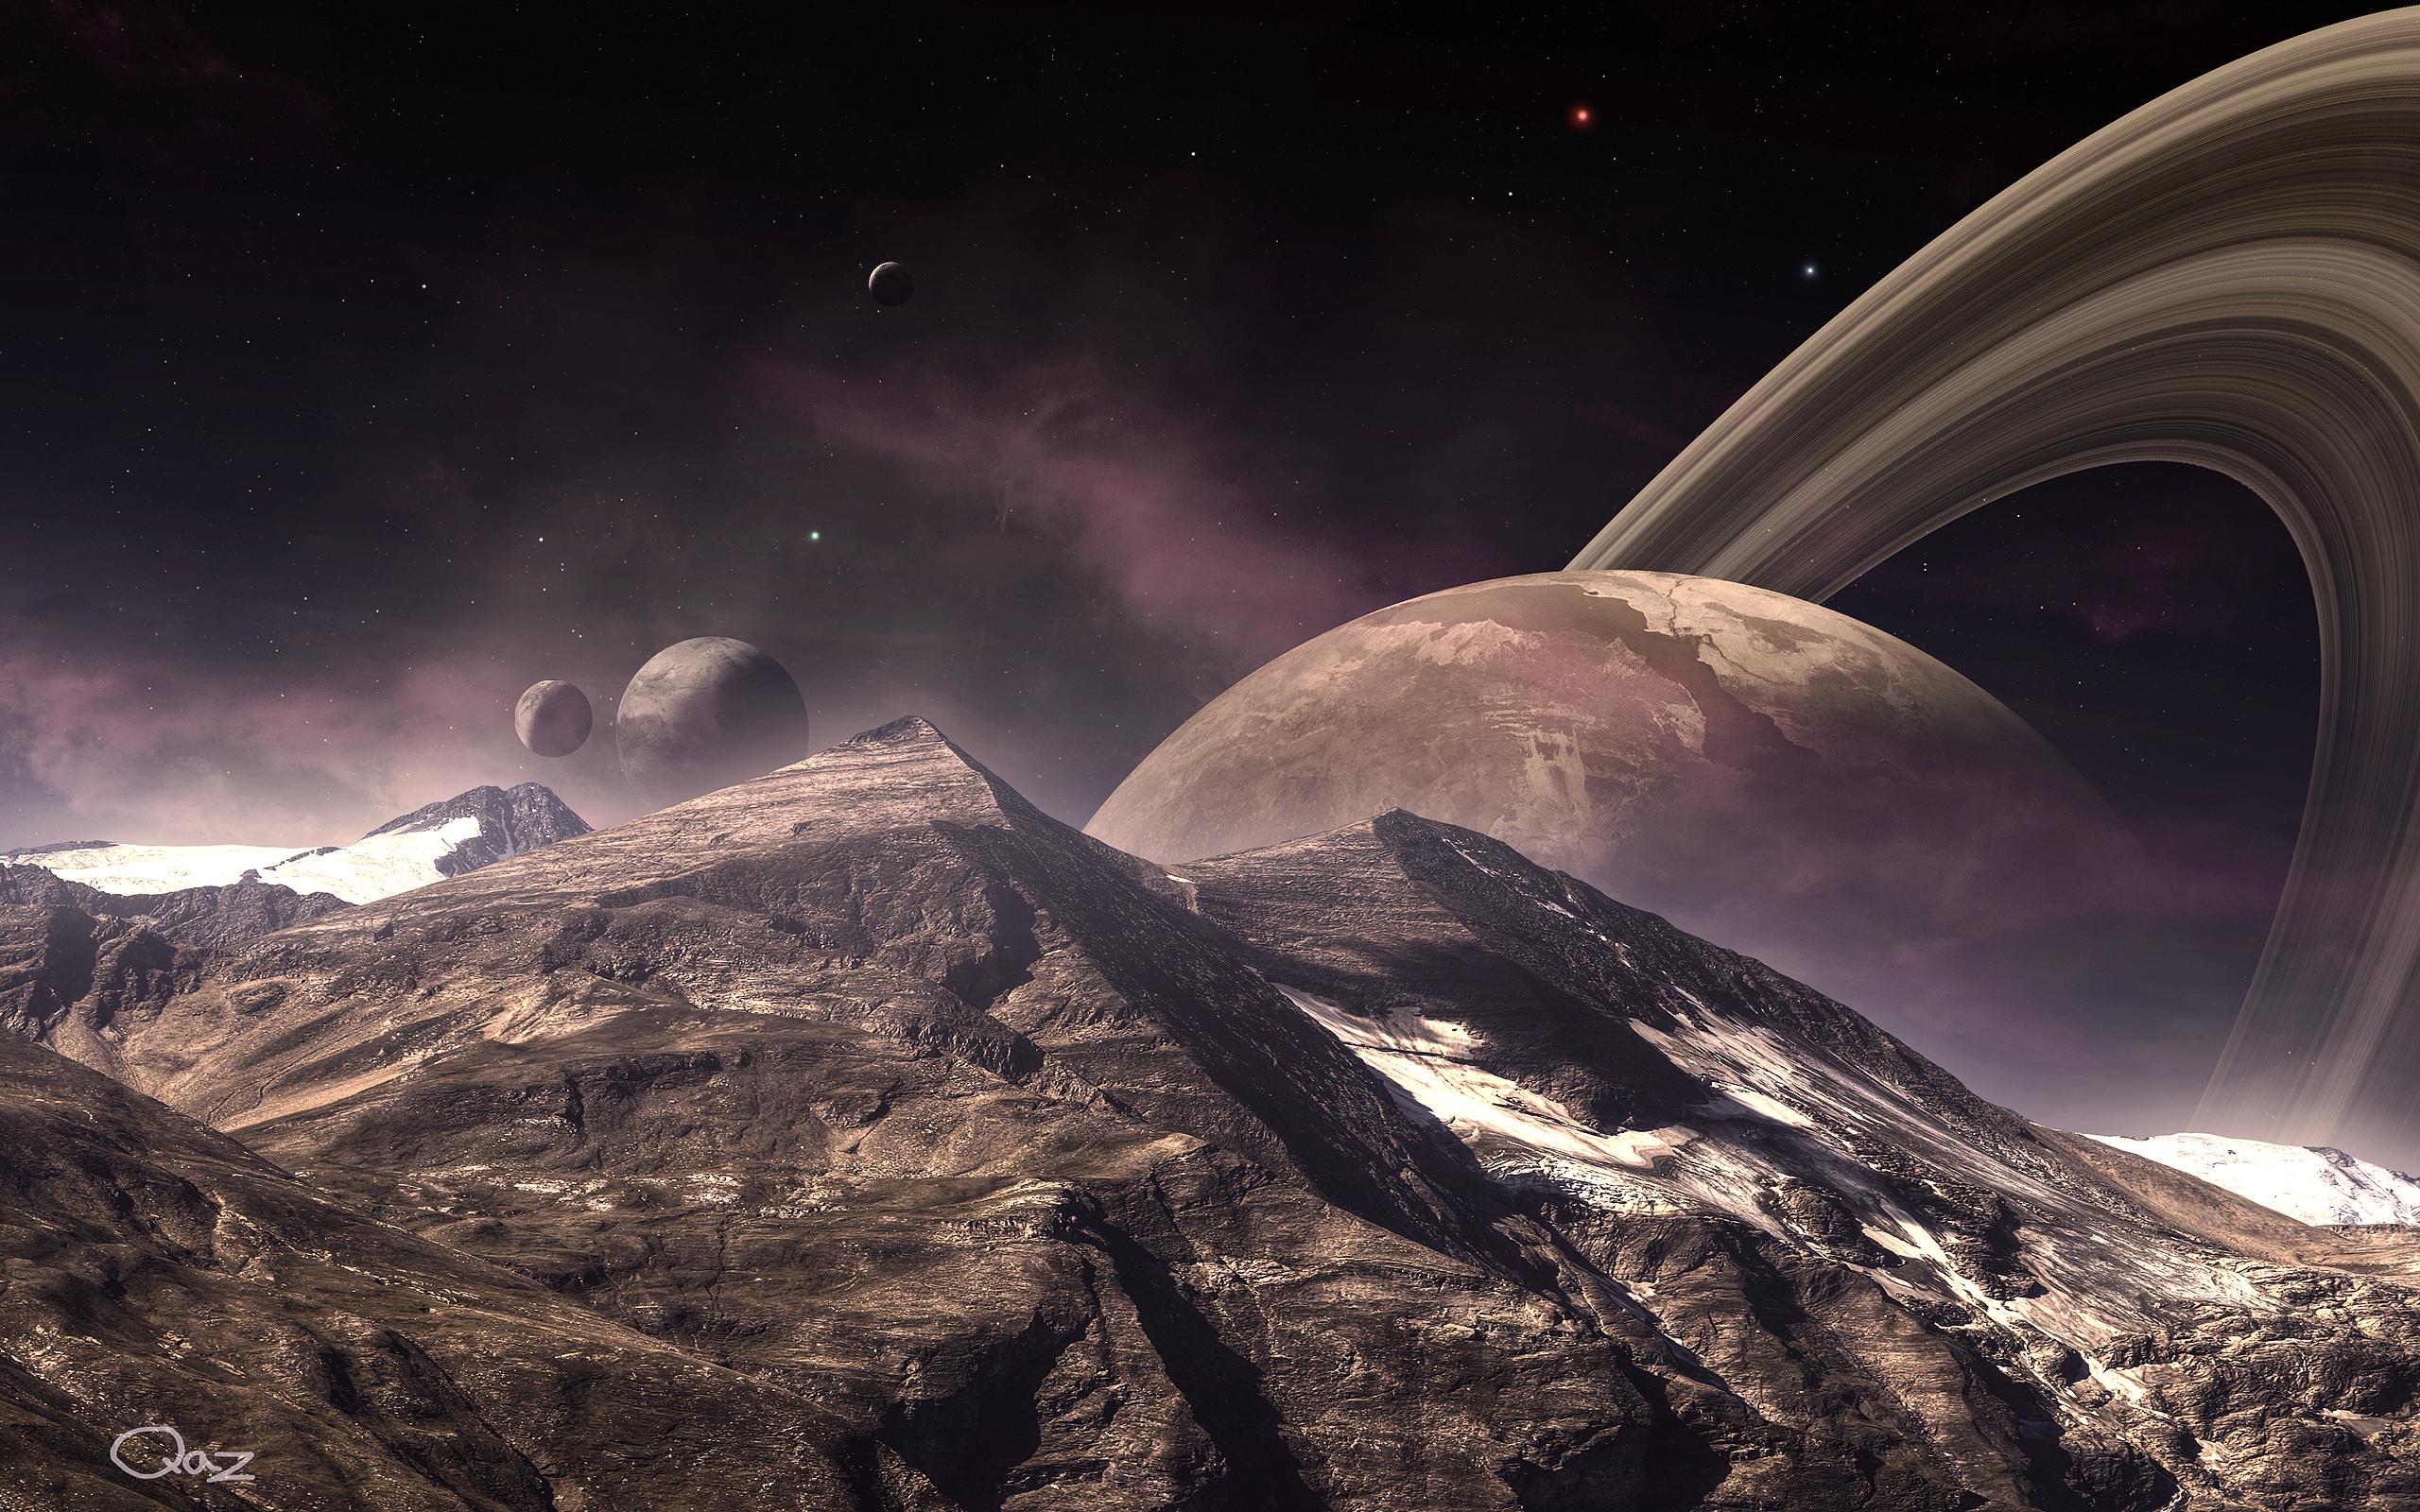 приобрели фото большие планеты фантастика нынешнее время популярность